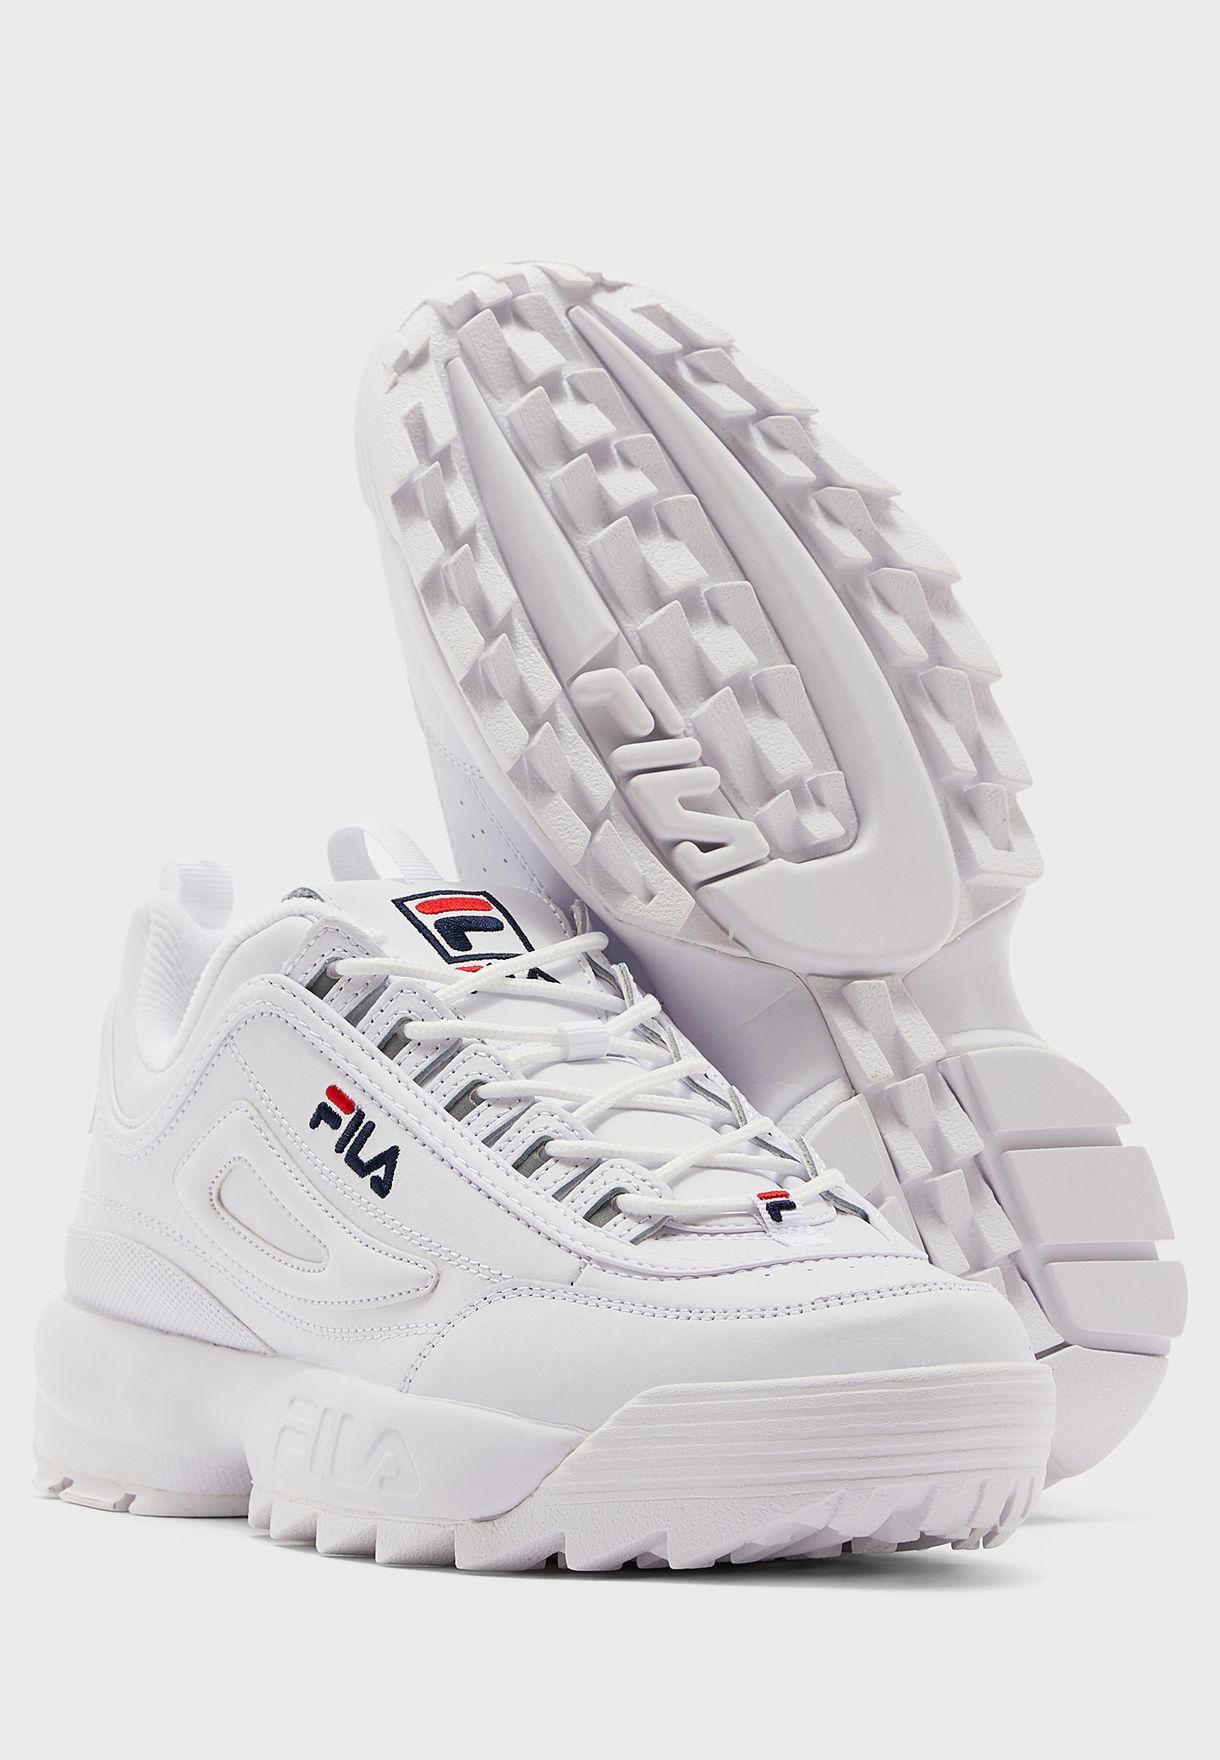 حذاء ديسربتر 11 بريميوم